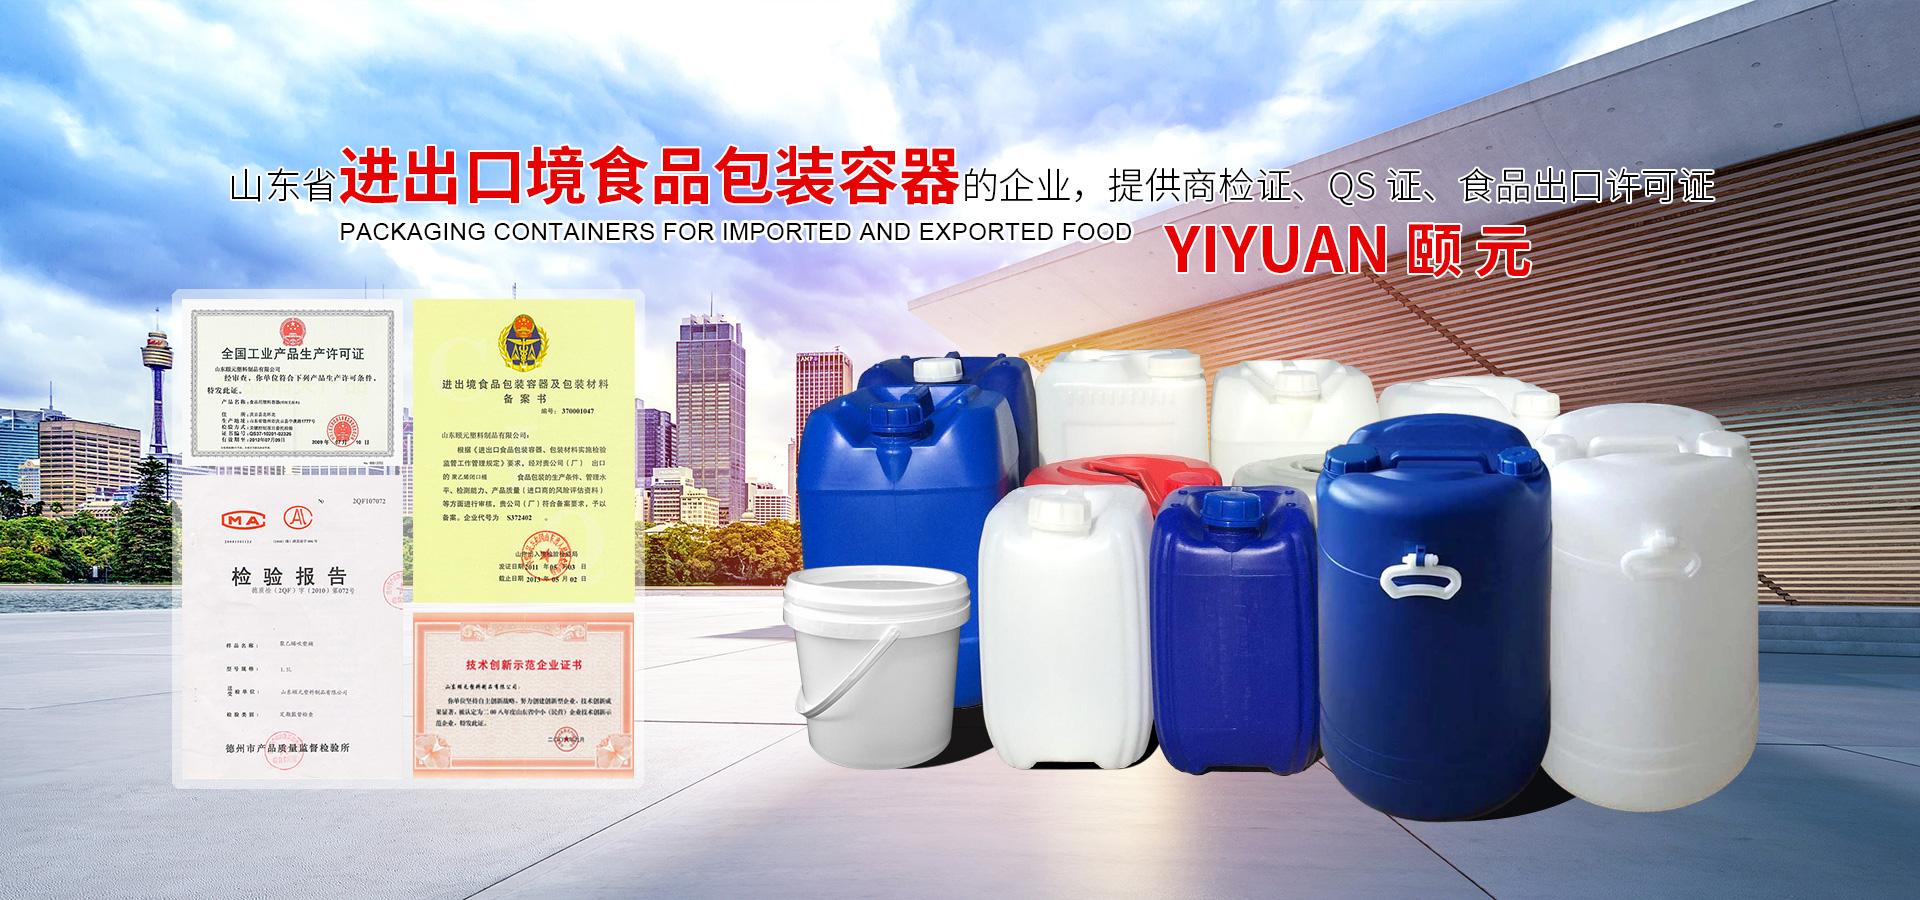 山東省進出口境食品包裝容器的企業,提供商檢證、QS證、食品出口許可證